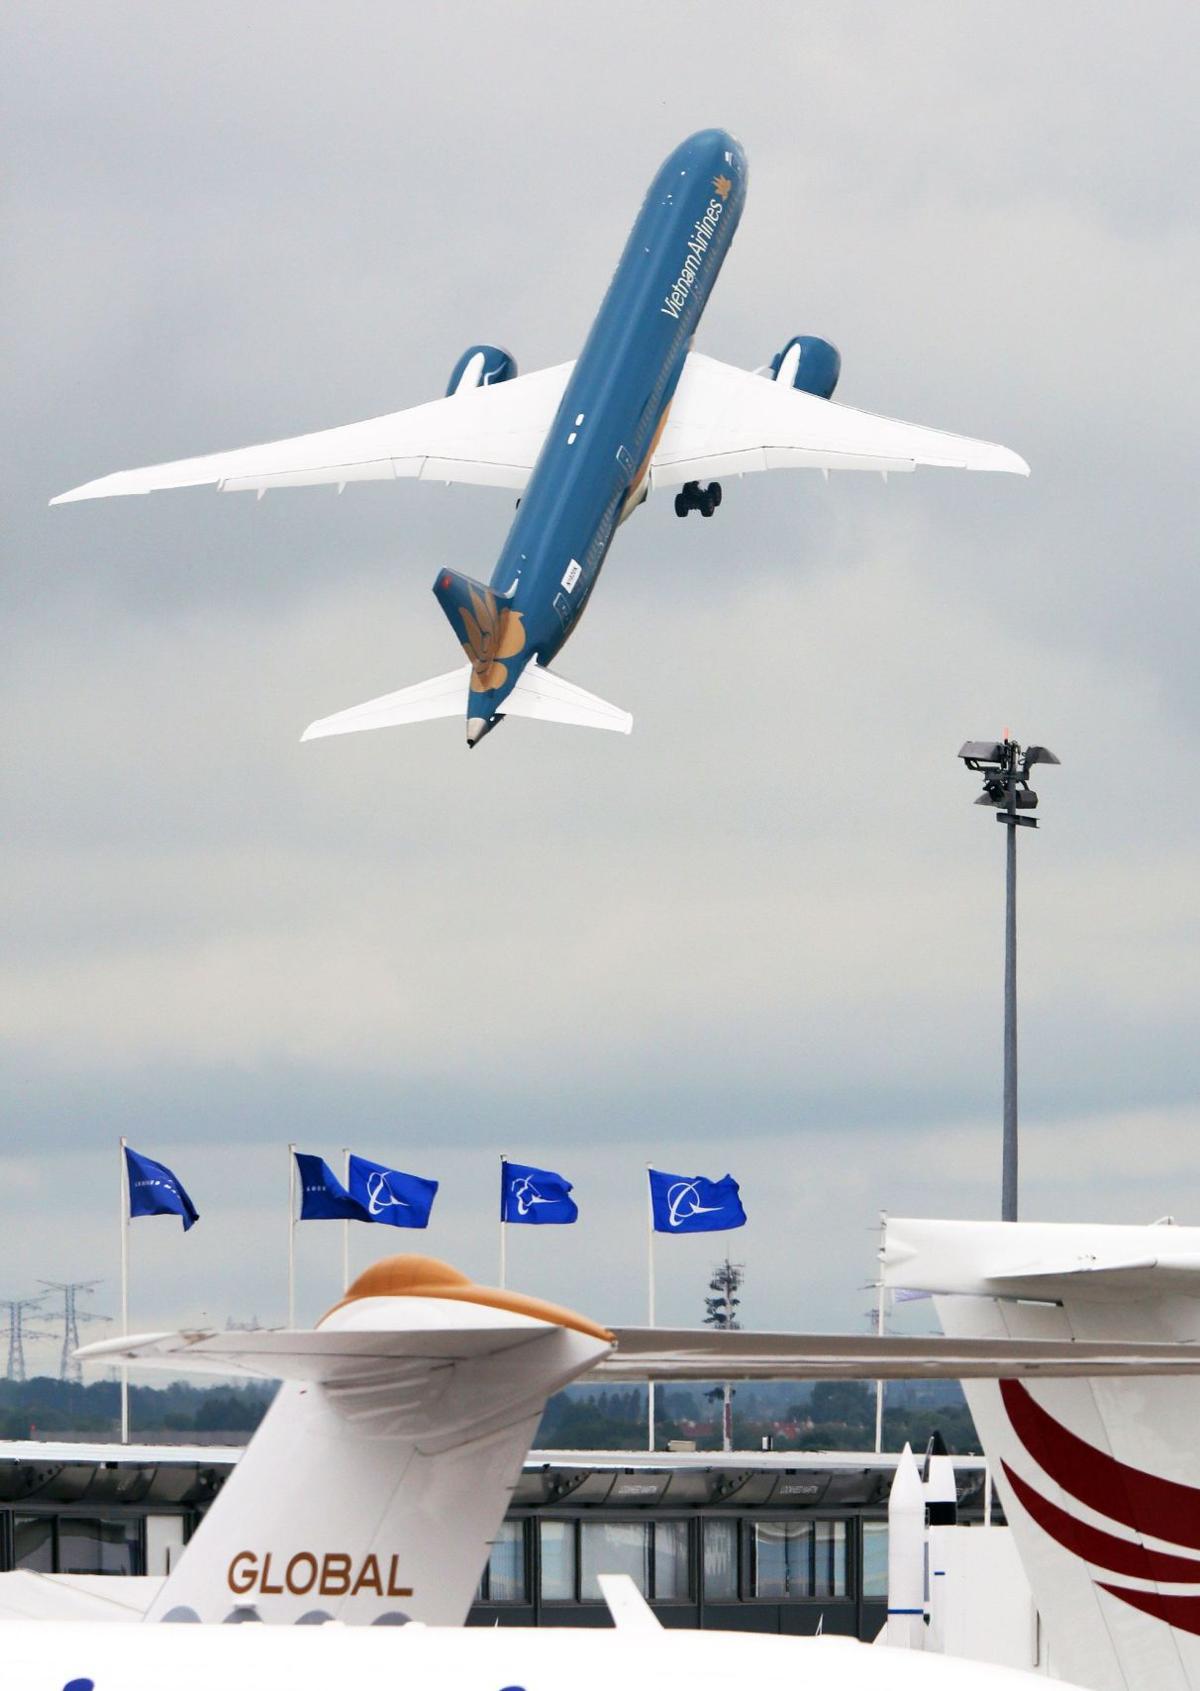 Orders lift Airbus over Boeing in Paris contest